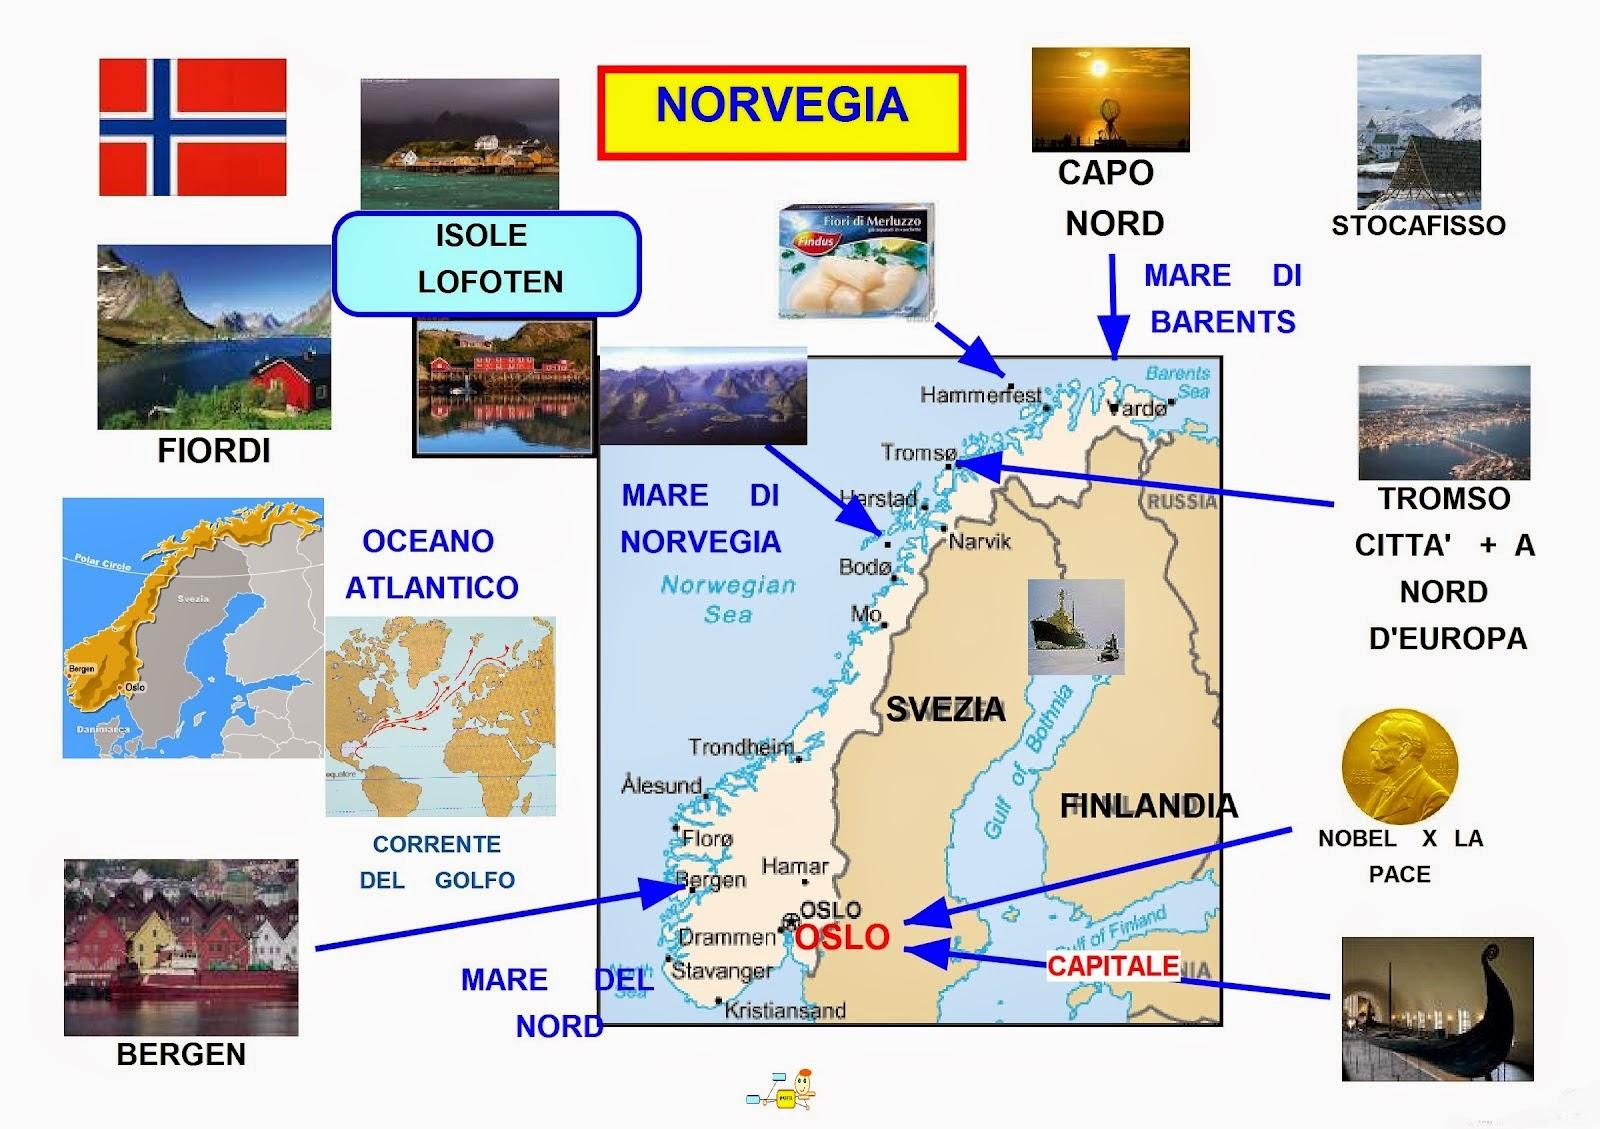 La Norvegia Cartina.Mappa Concettuale Norvegia Carta Scuolissima Com